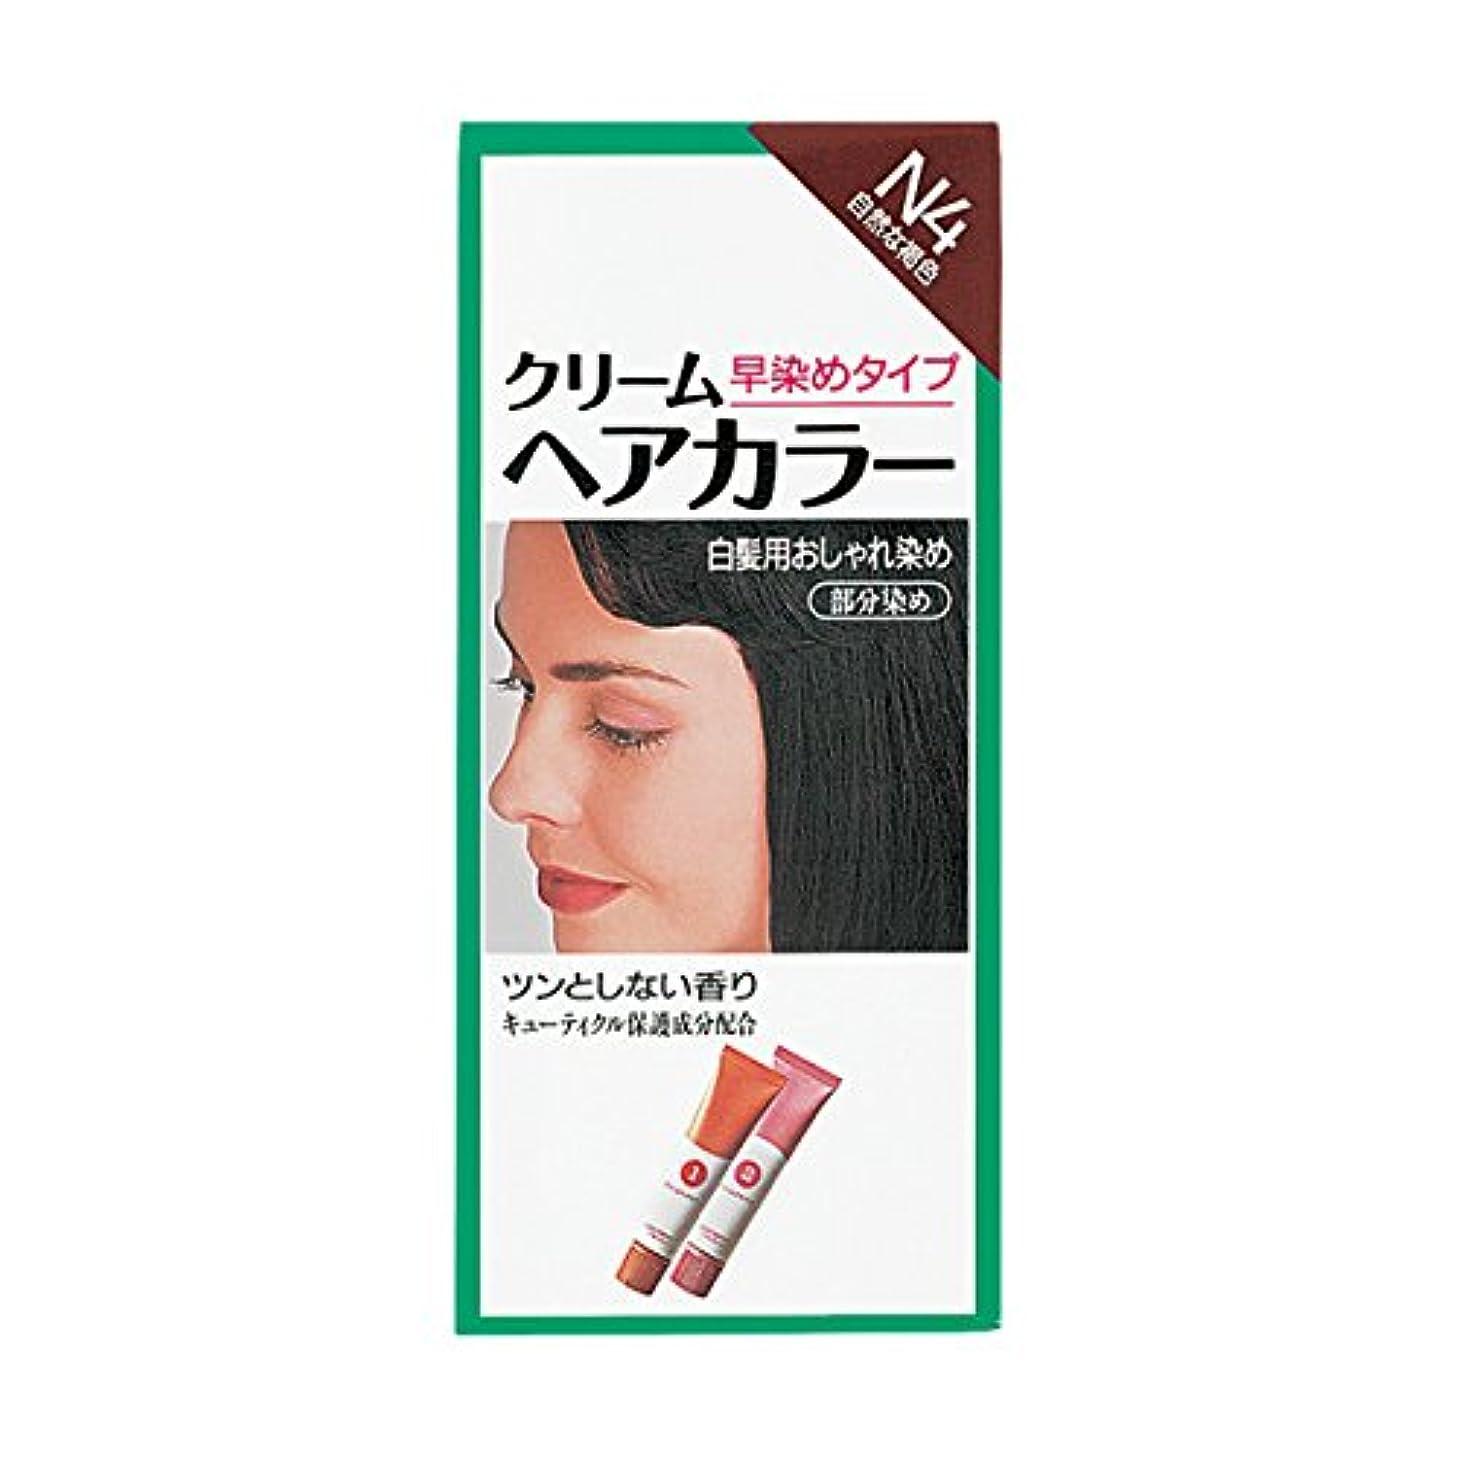 極端な信頼できる米ドルヘアカラー クリームヘアカラーN N4 【医薬部外品】